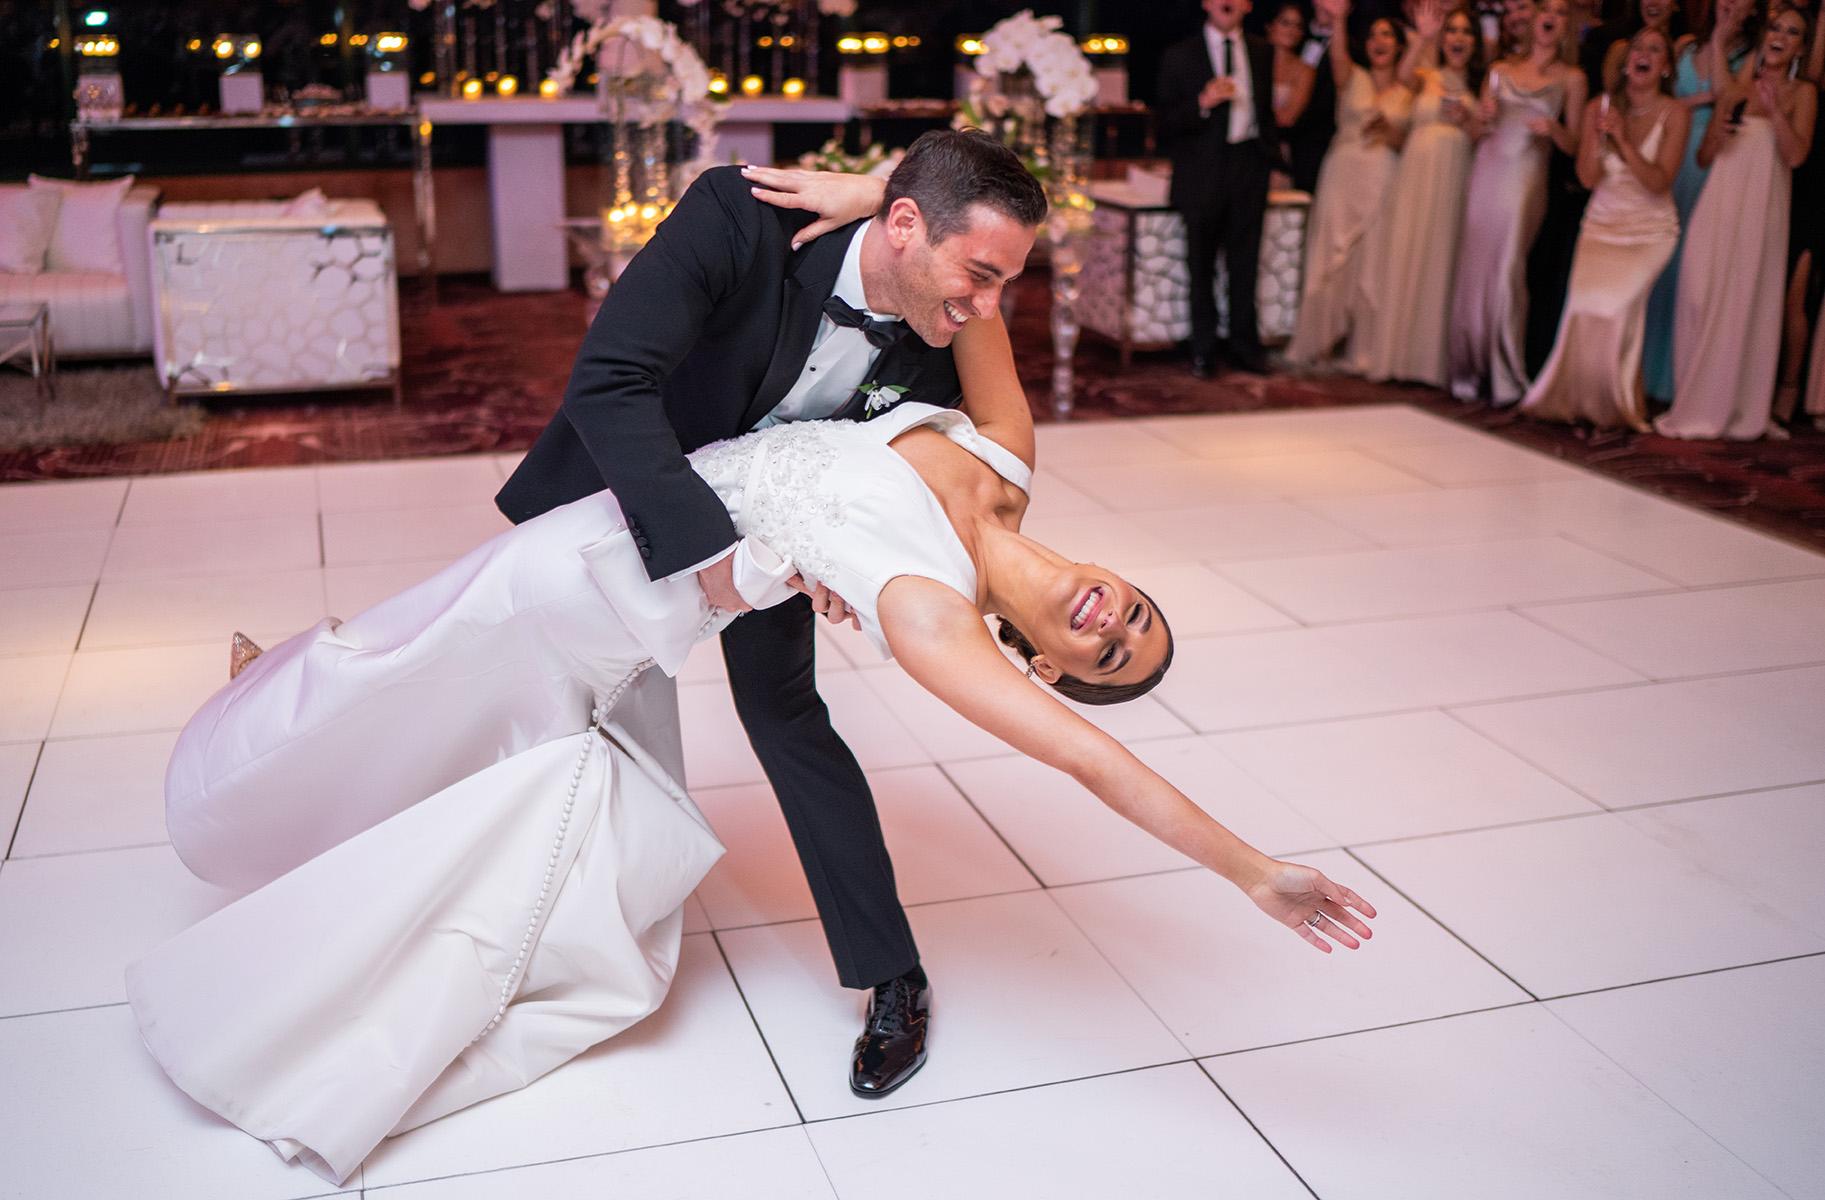 Inolvidable el primer baile de los nuevos esposos. La música en la ceremonia y el coctel fue de Allied Music. La recepción estuvo amenizada por DJ Joel BigJ, Ale Croatto, Cuenta Regresiva y SAK Entertainment. Foto Wilo Rosado.